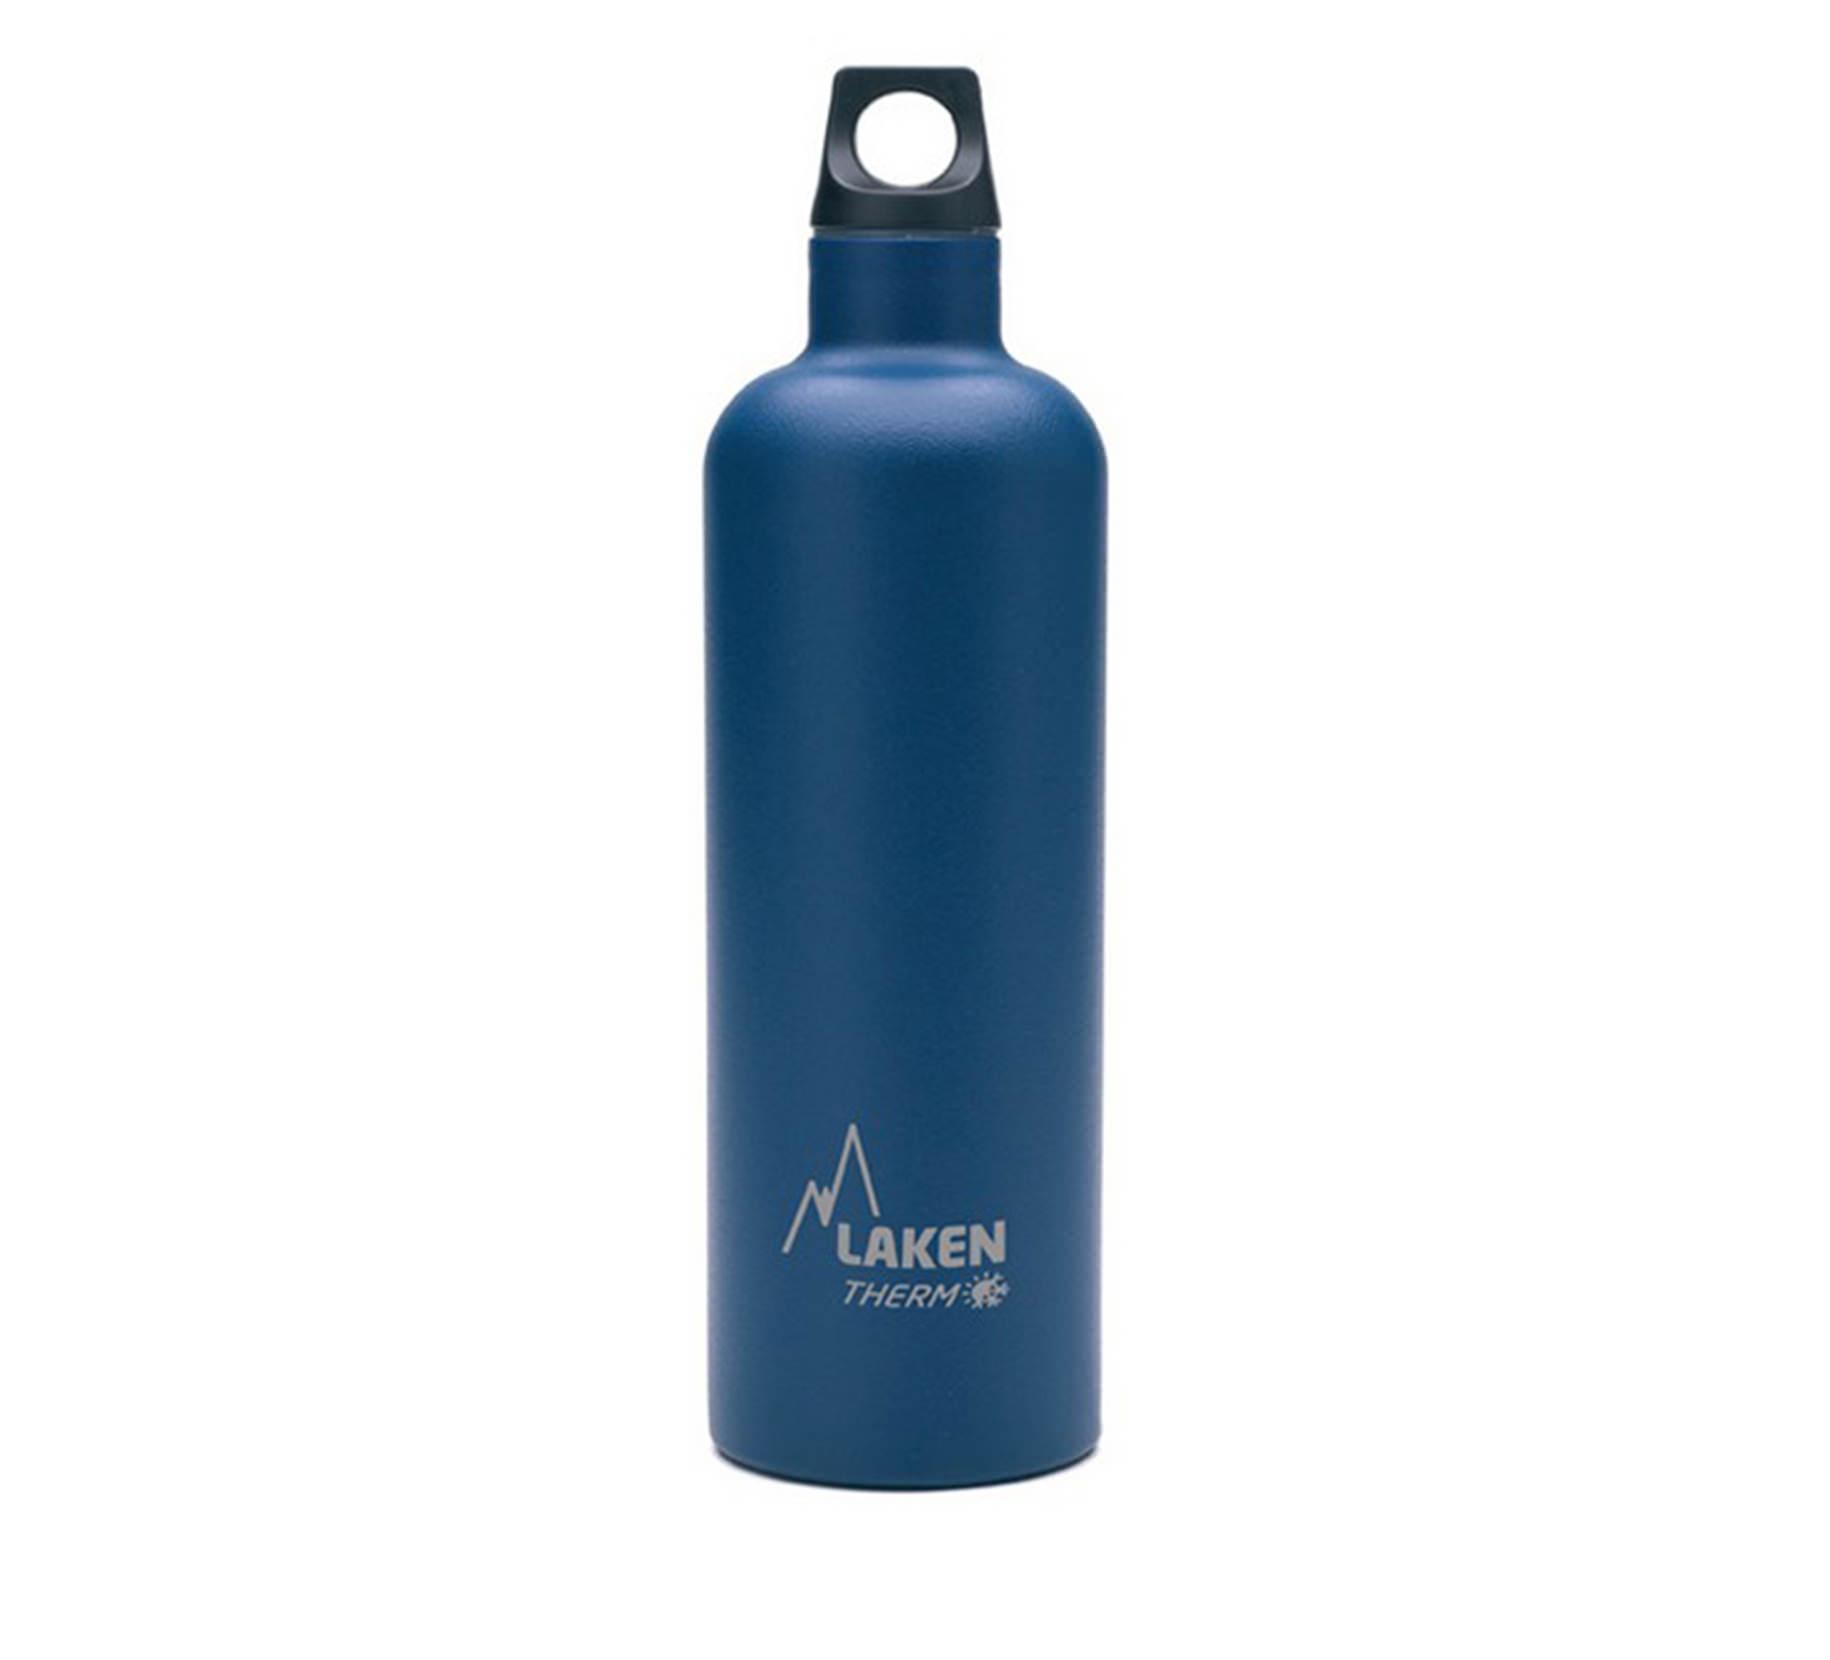 Bình giữ nhiệt LAKEN Futura Thermo 750ml - Xanh lam